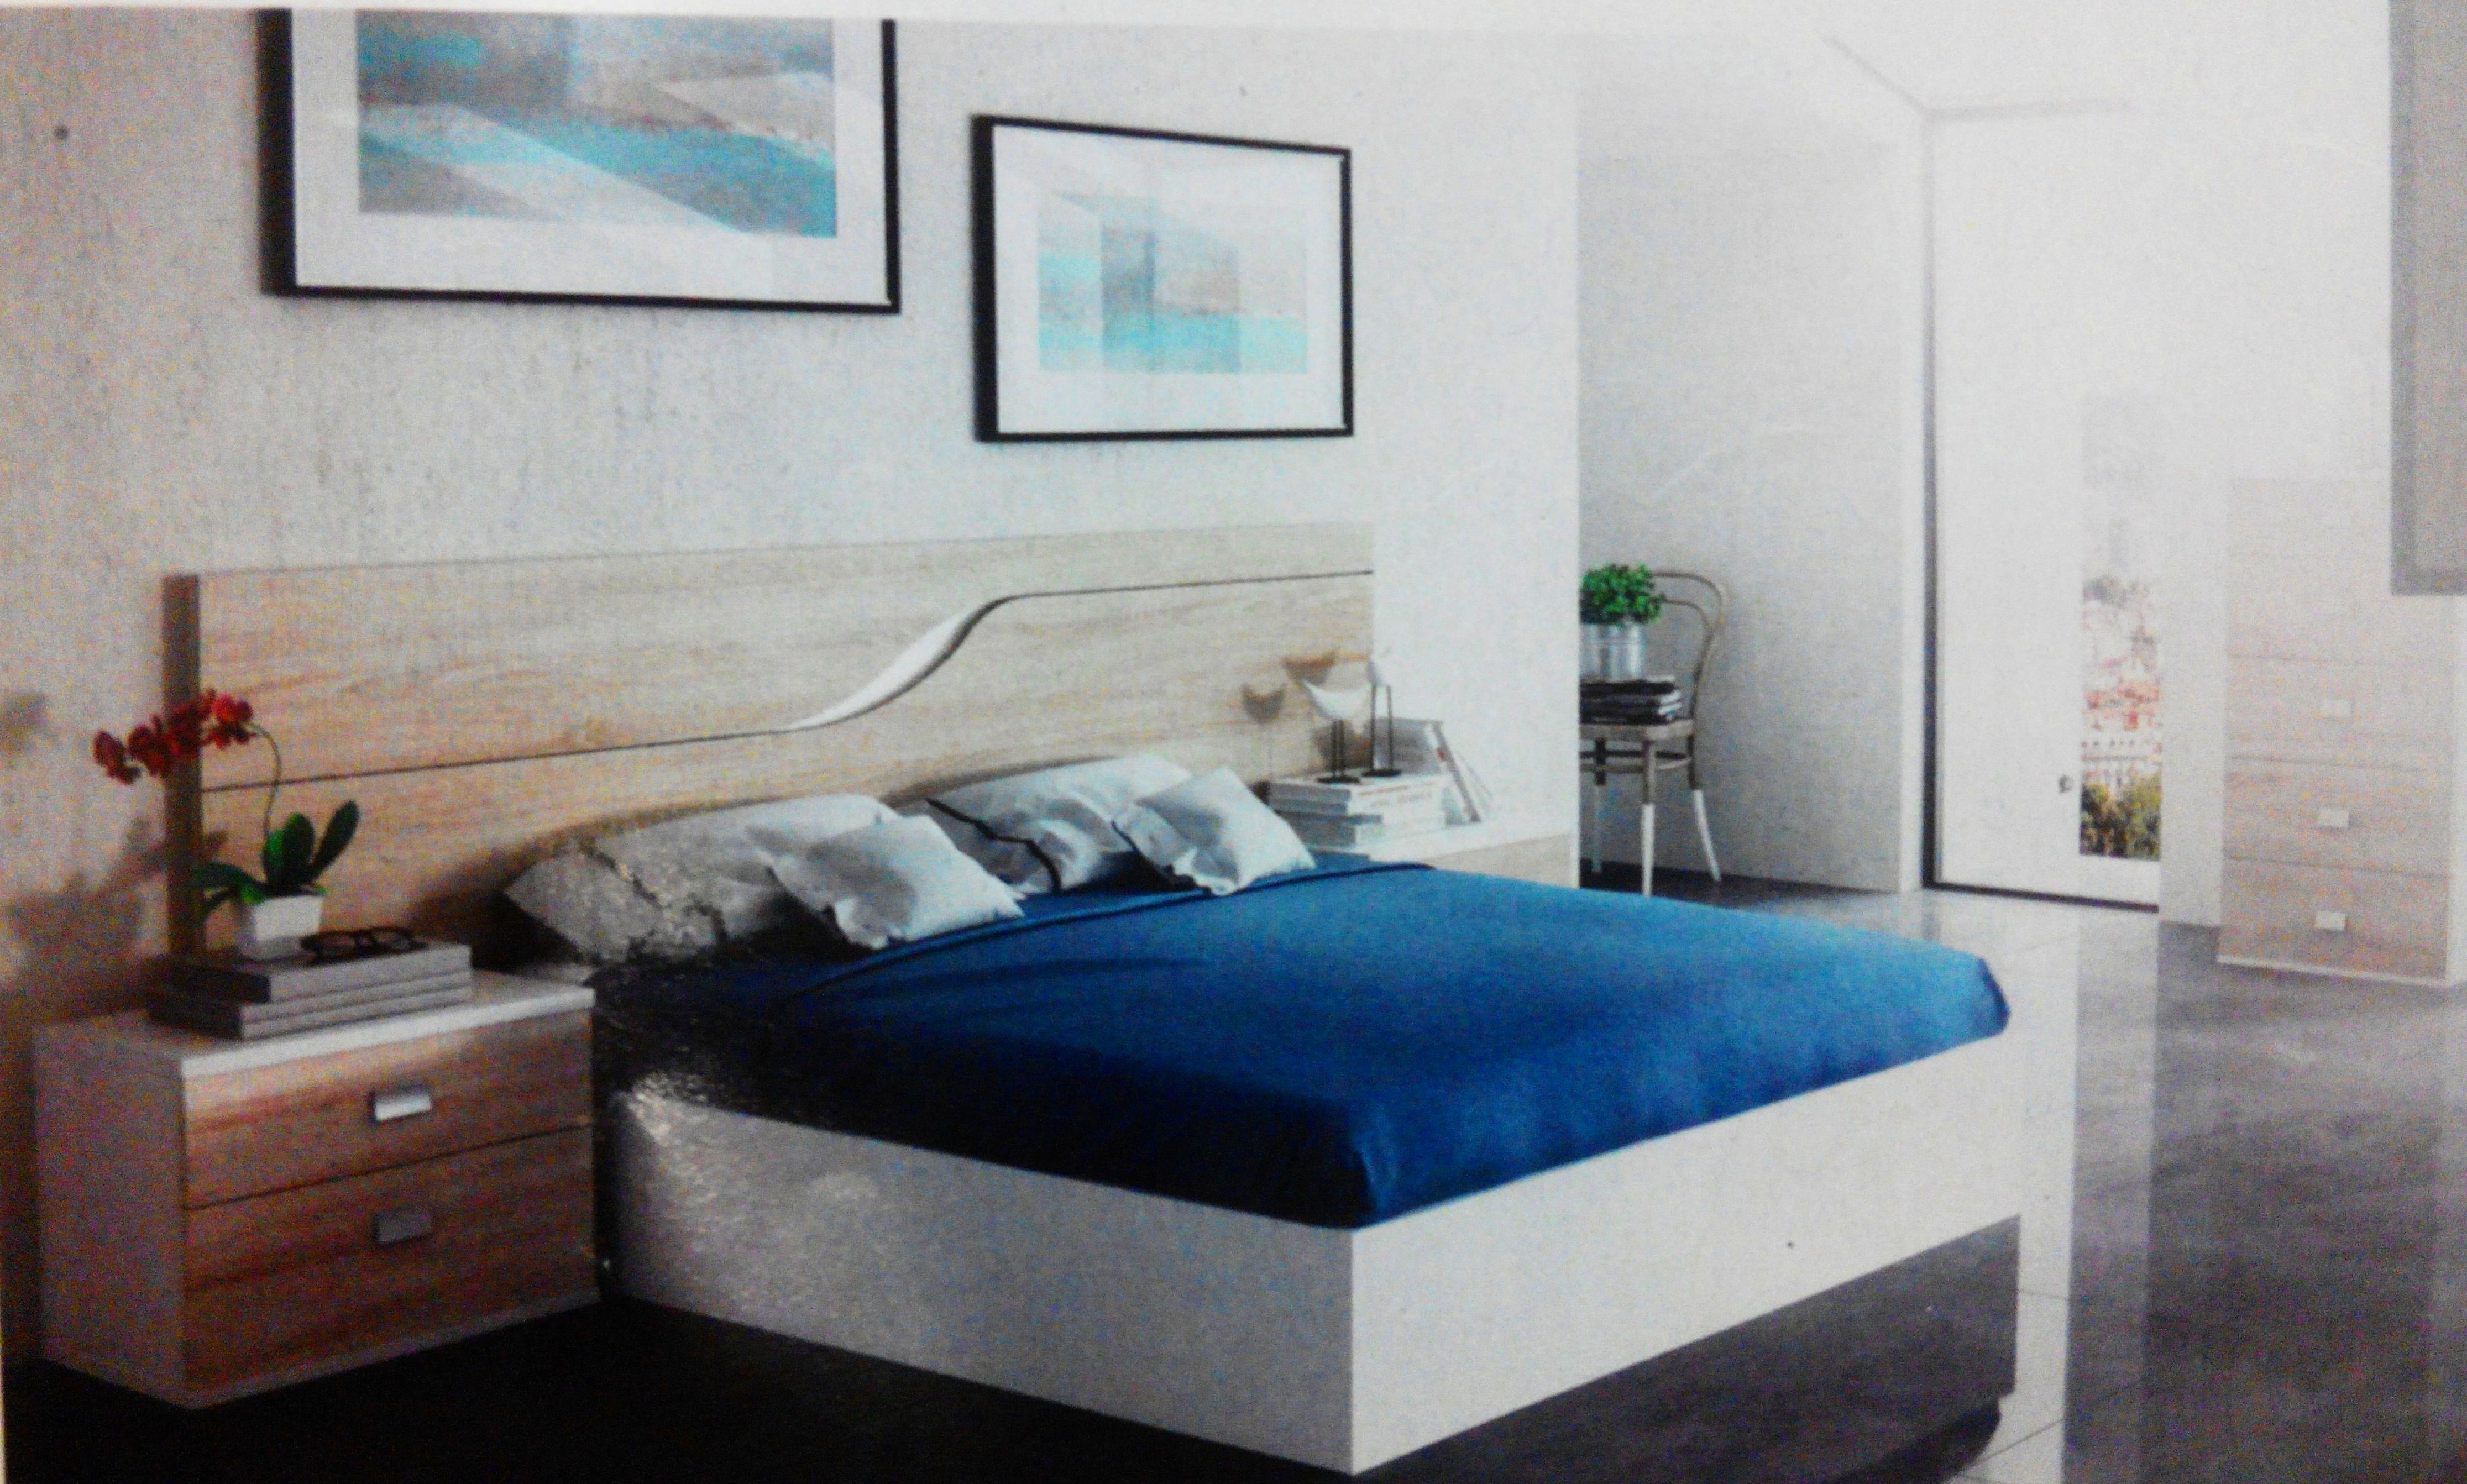 Foto 8 de Muebles y decoración en Sagunt | Muebles Llueca, S. L.